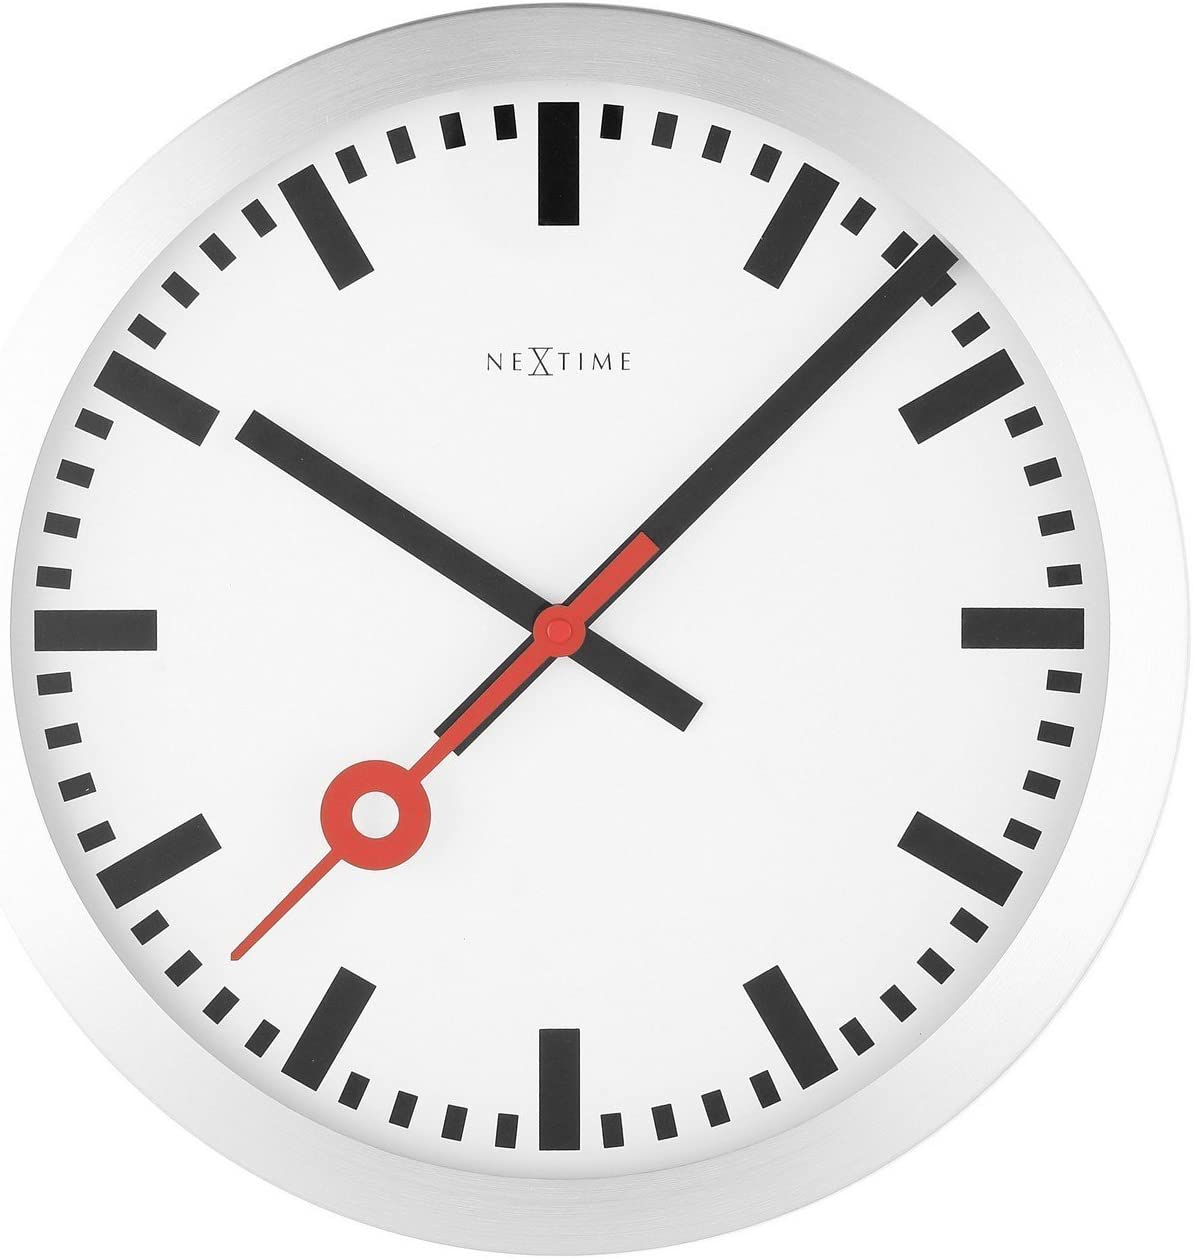 NeXtime Reloj de pared - Estación de trenes